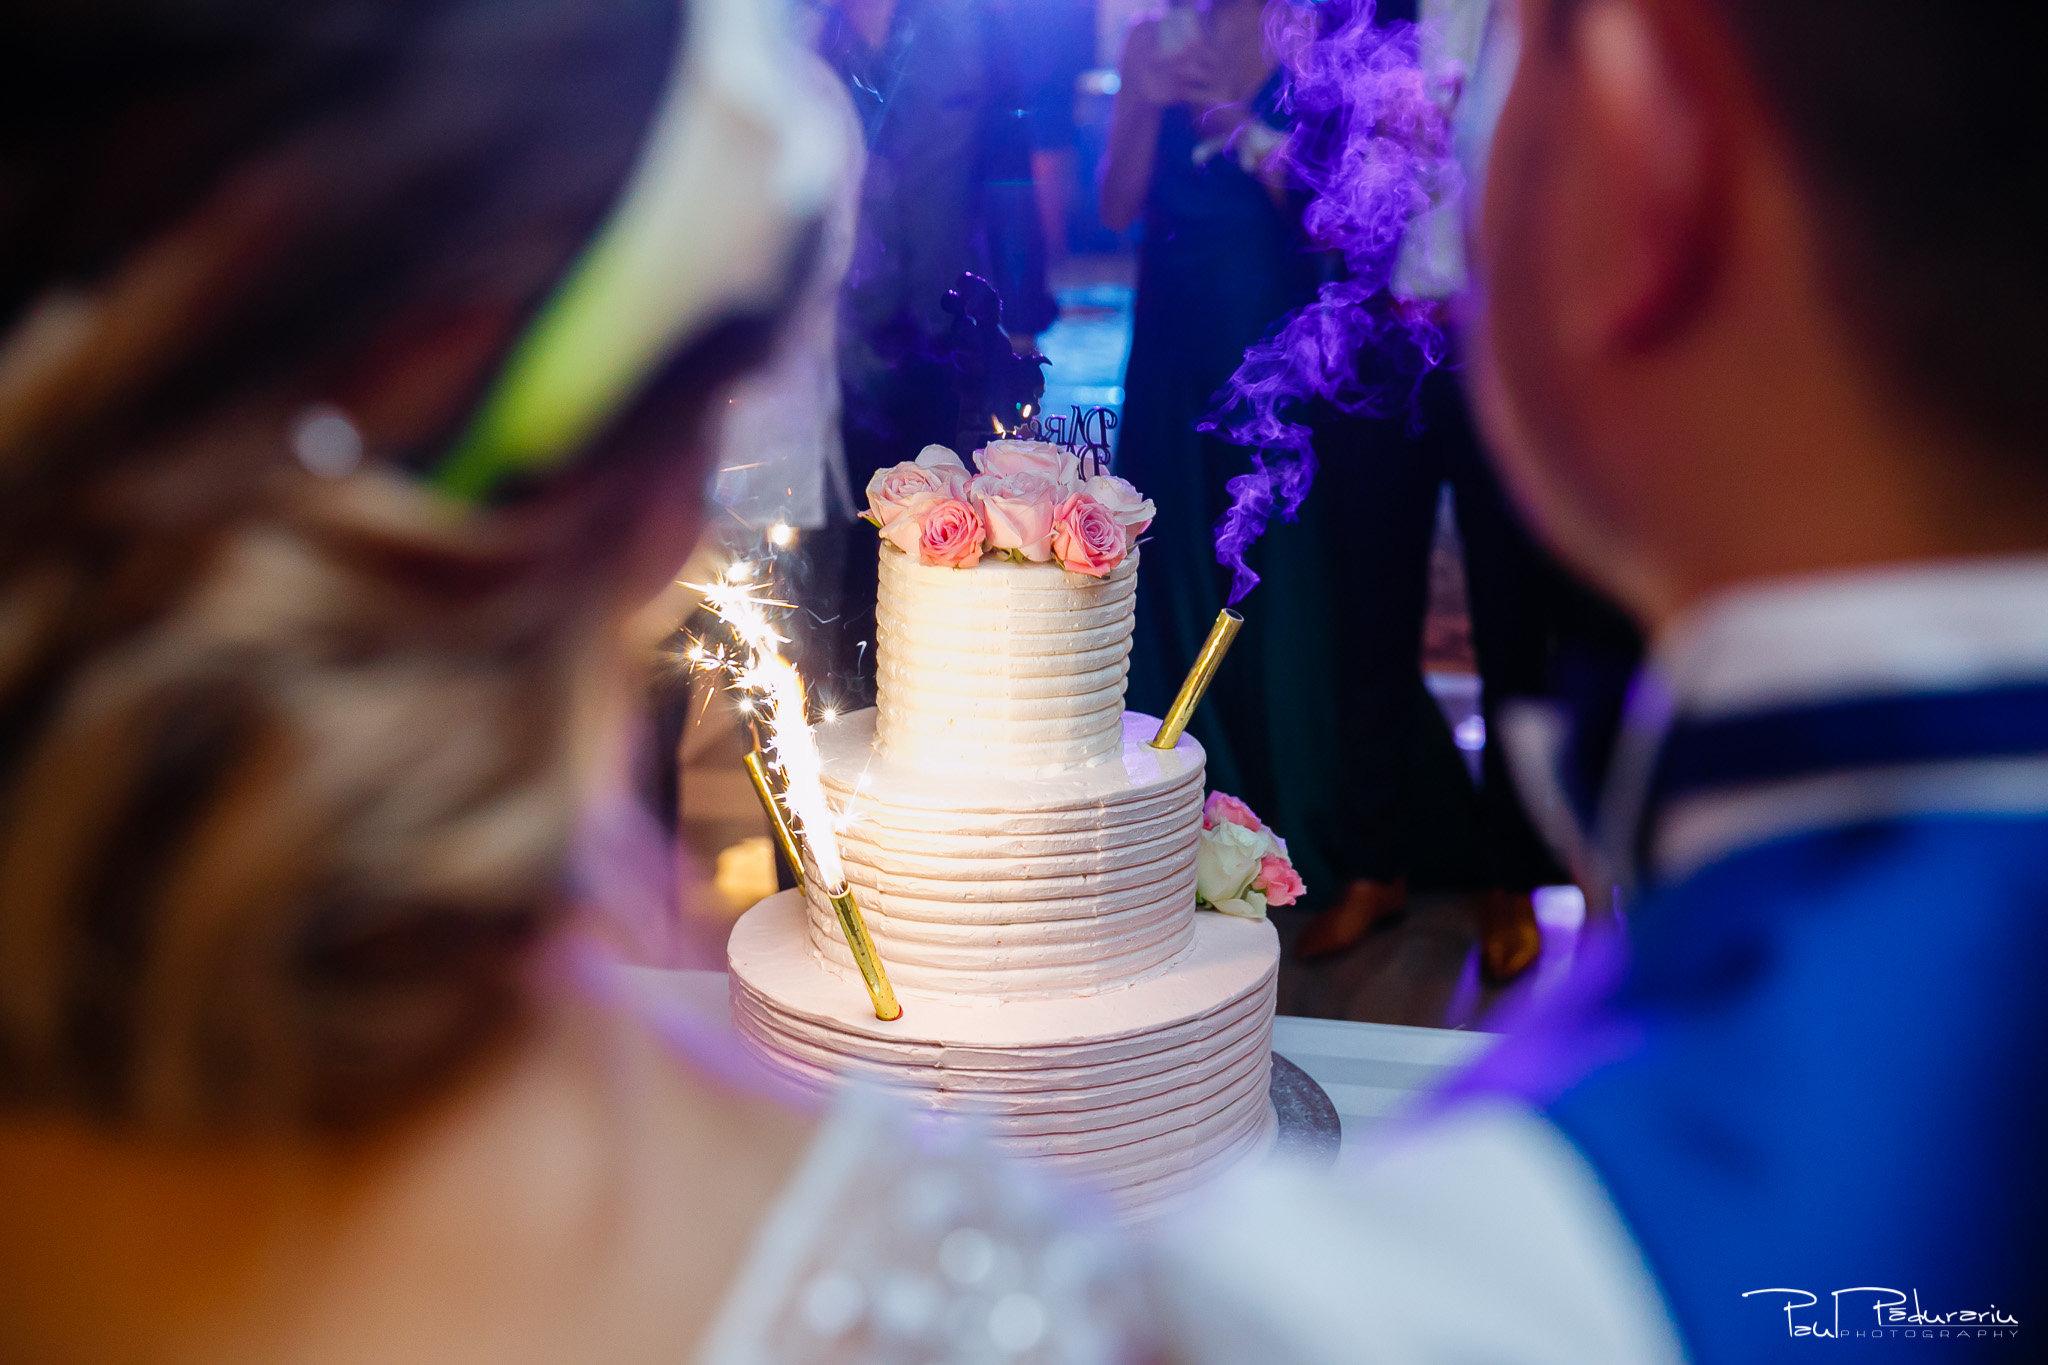 Petrecere la Pleaiada nunta cu tema Paris Ema si Tudor fotograf profesionist de nunta iasi www.paulpadurariu.ro © 2017 Paul Padurariu - Tort miri - Cofetaria Blanca